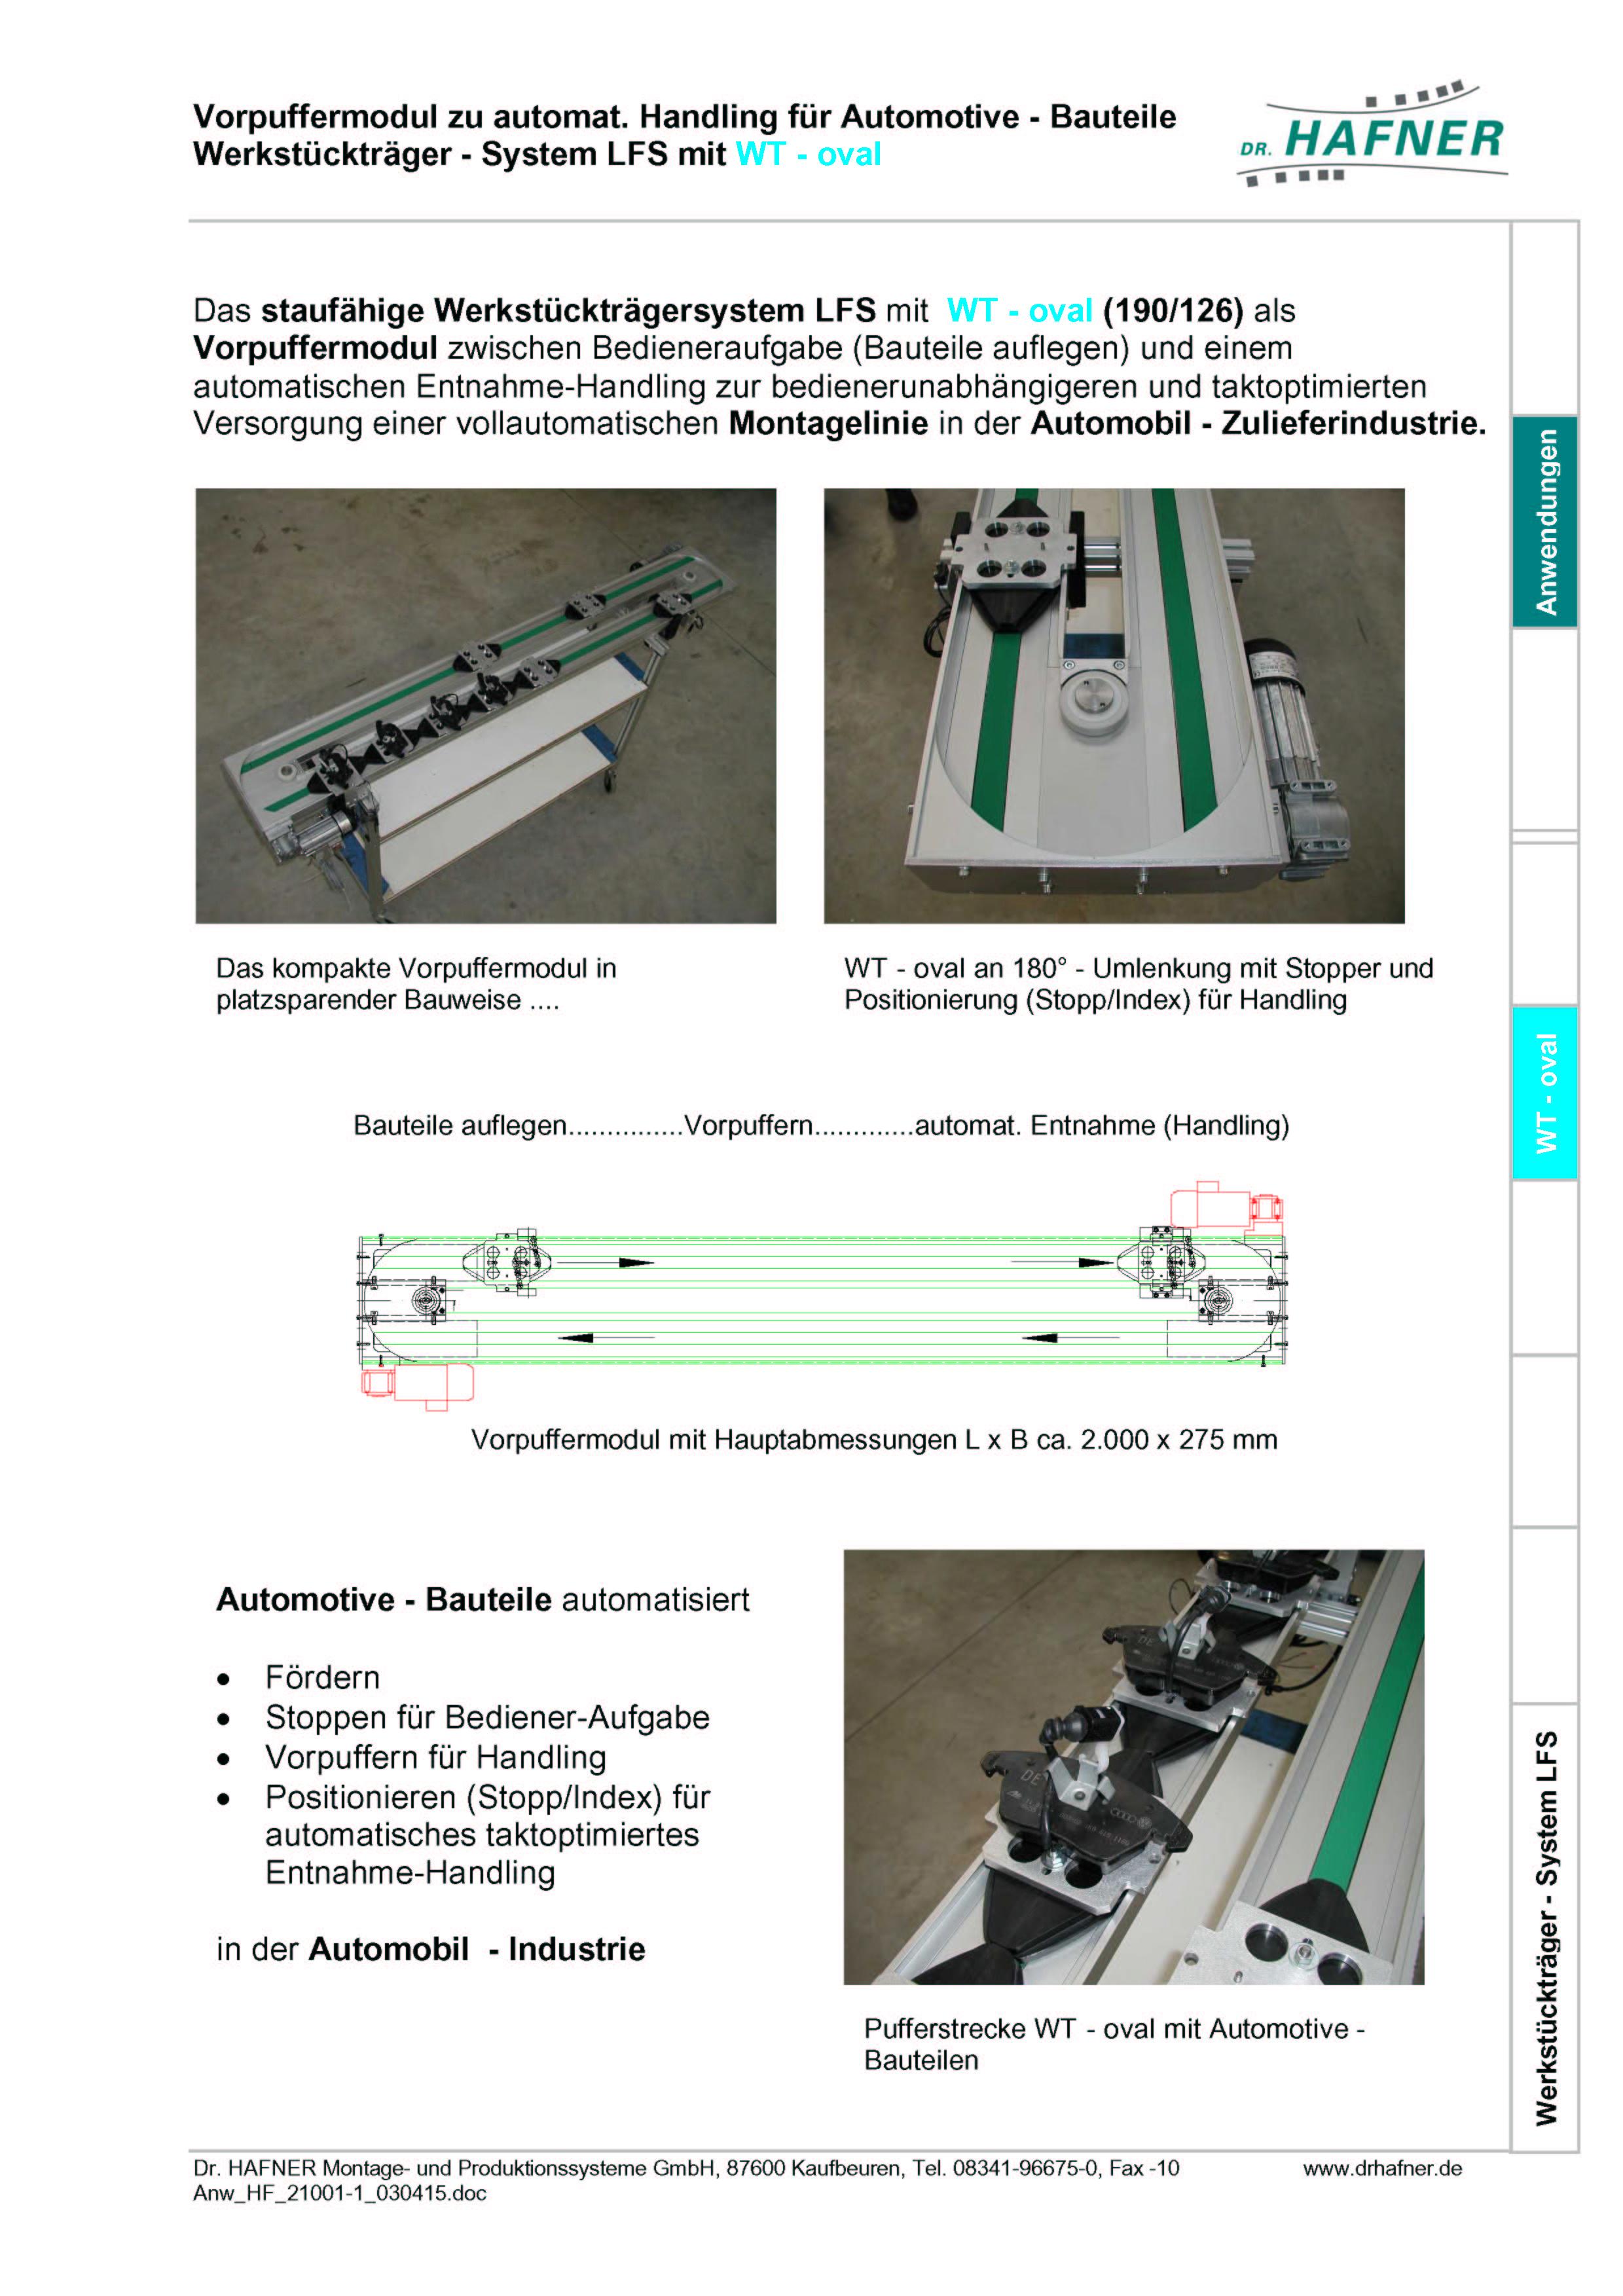 Dr. HAFNER_PKWP_27 Vorpuffer Modul Automotive Werkstückträger